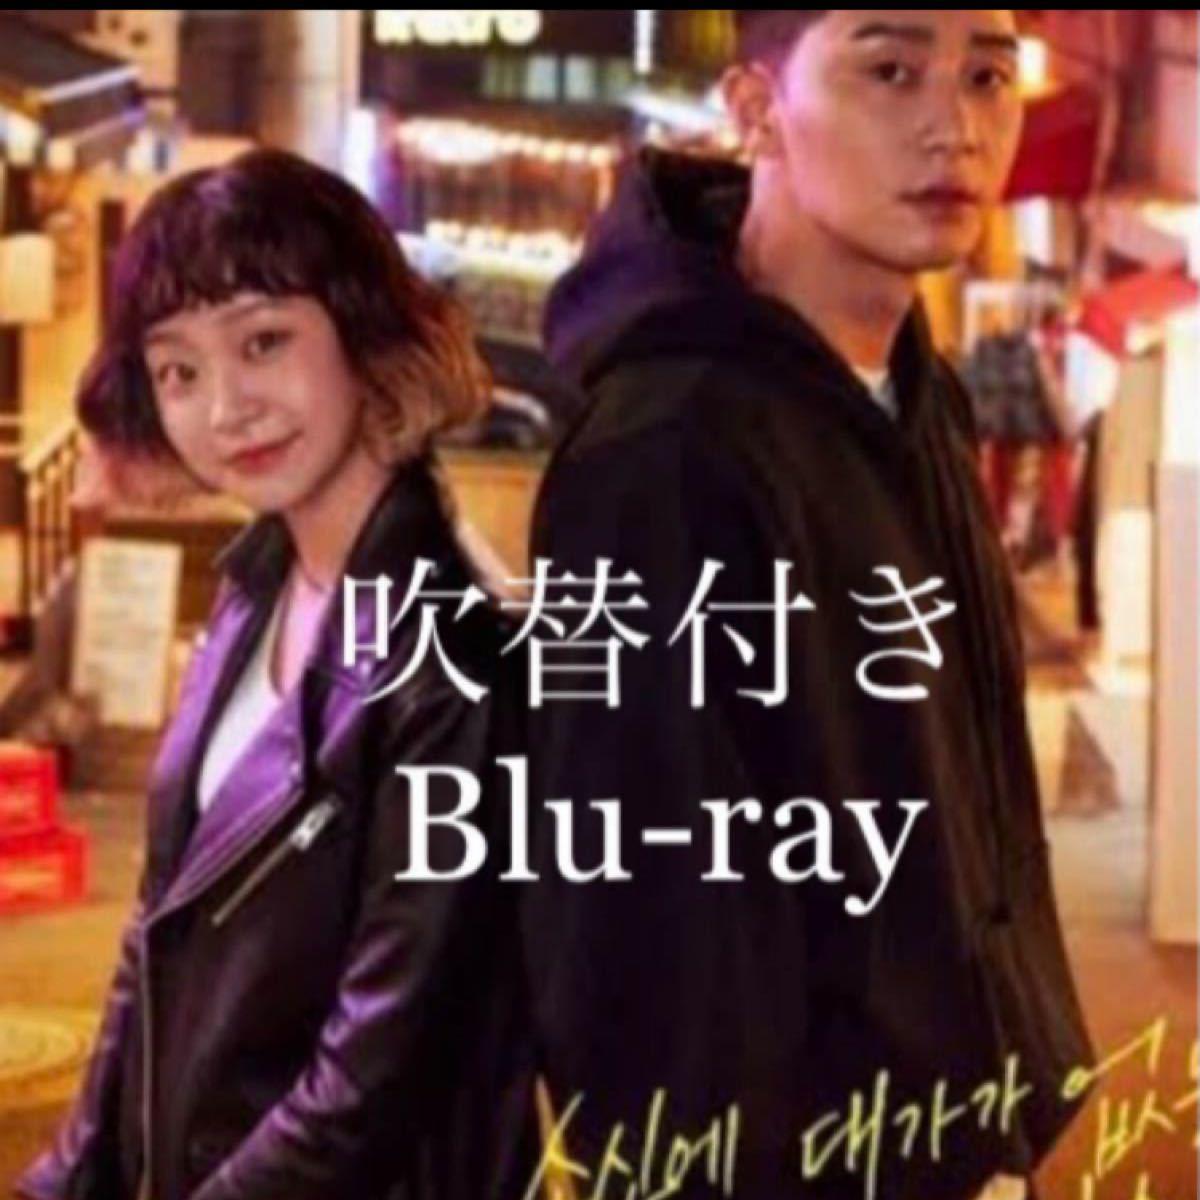 韓国ドラマ イテオンクラス Blu-ray